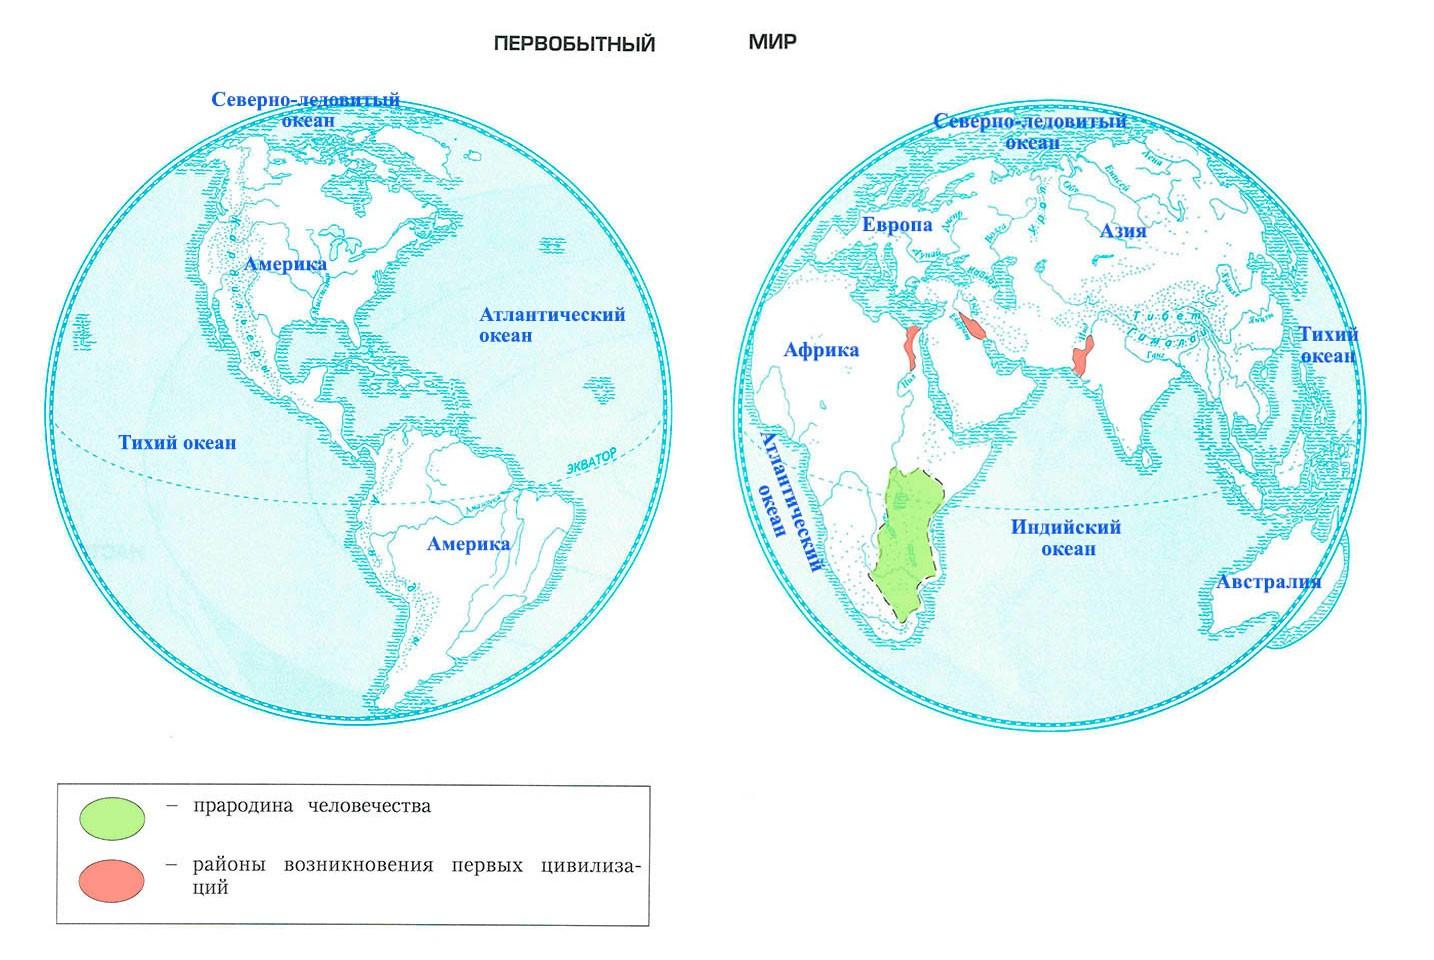 """Контурная карта """"Первобытный мир"""" - Харитонова 4 класс 2 часть. Рабочая тетрадь"""